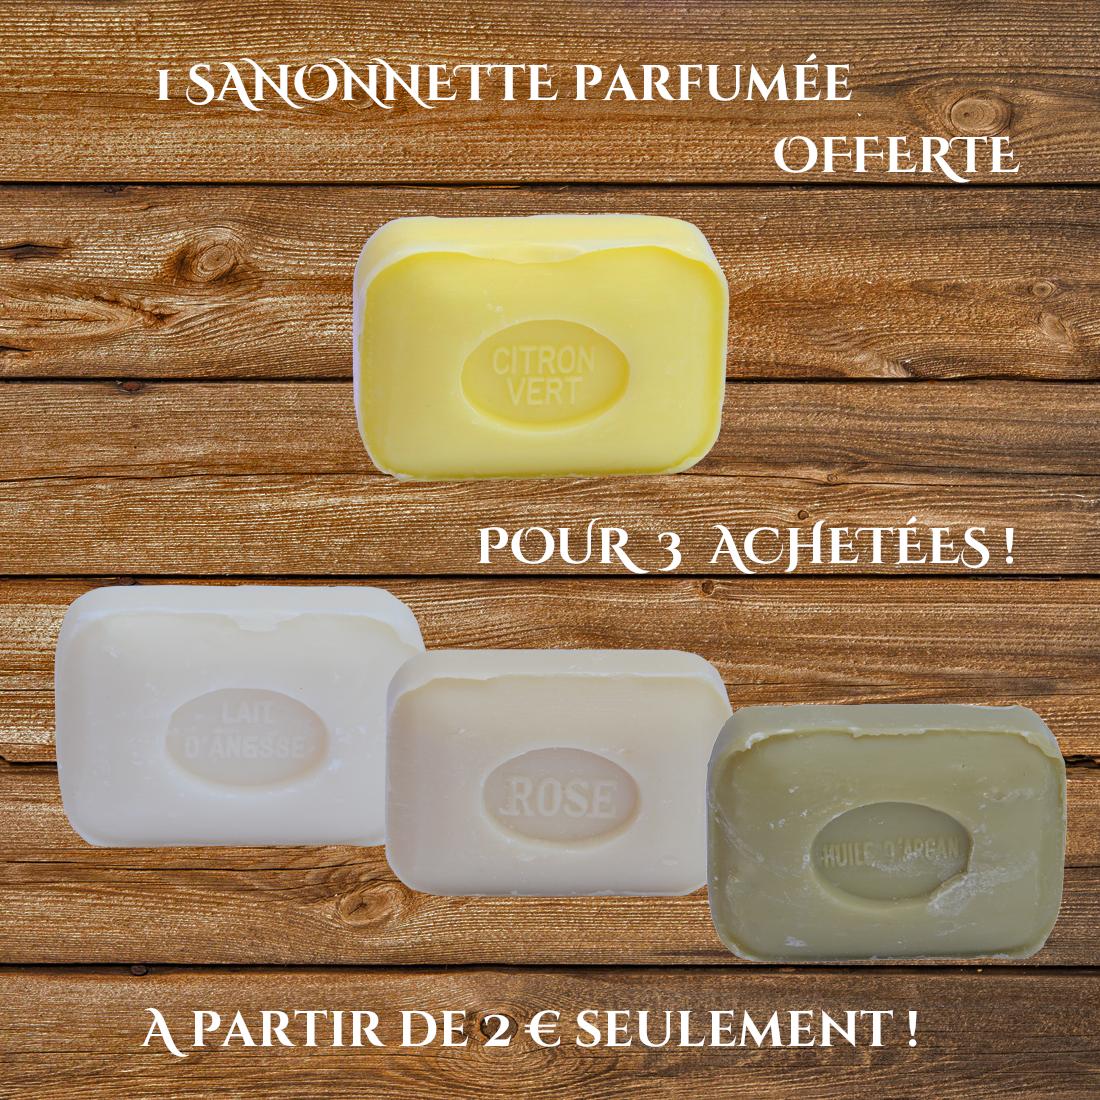 1 savonnette offerte pour 3